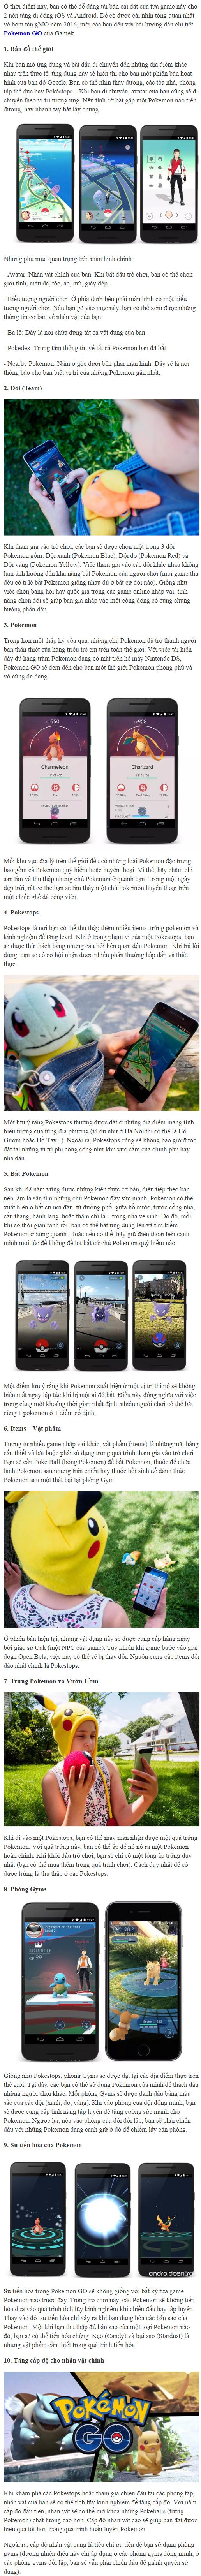 Hướng dẫn cách chơi Pokemon GO chuẩn không cần chỉnh